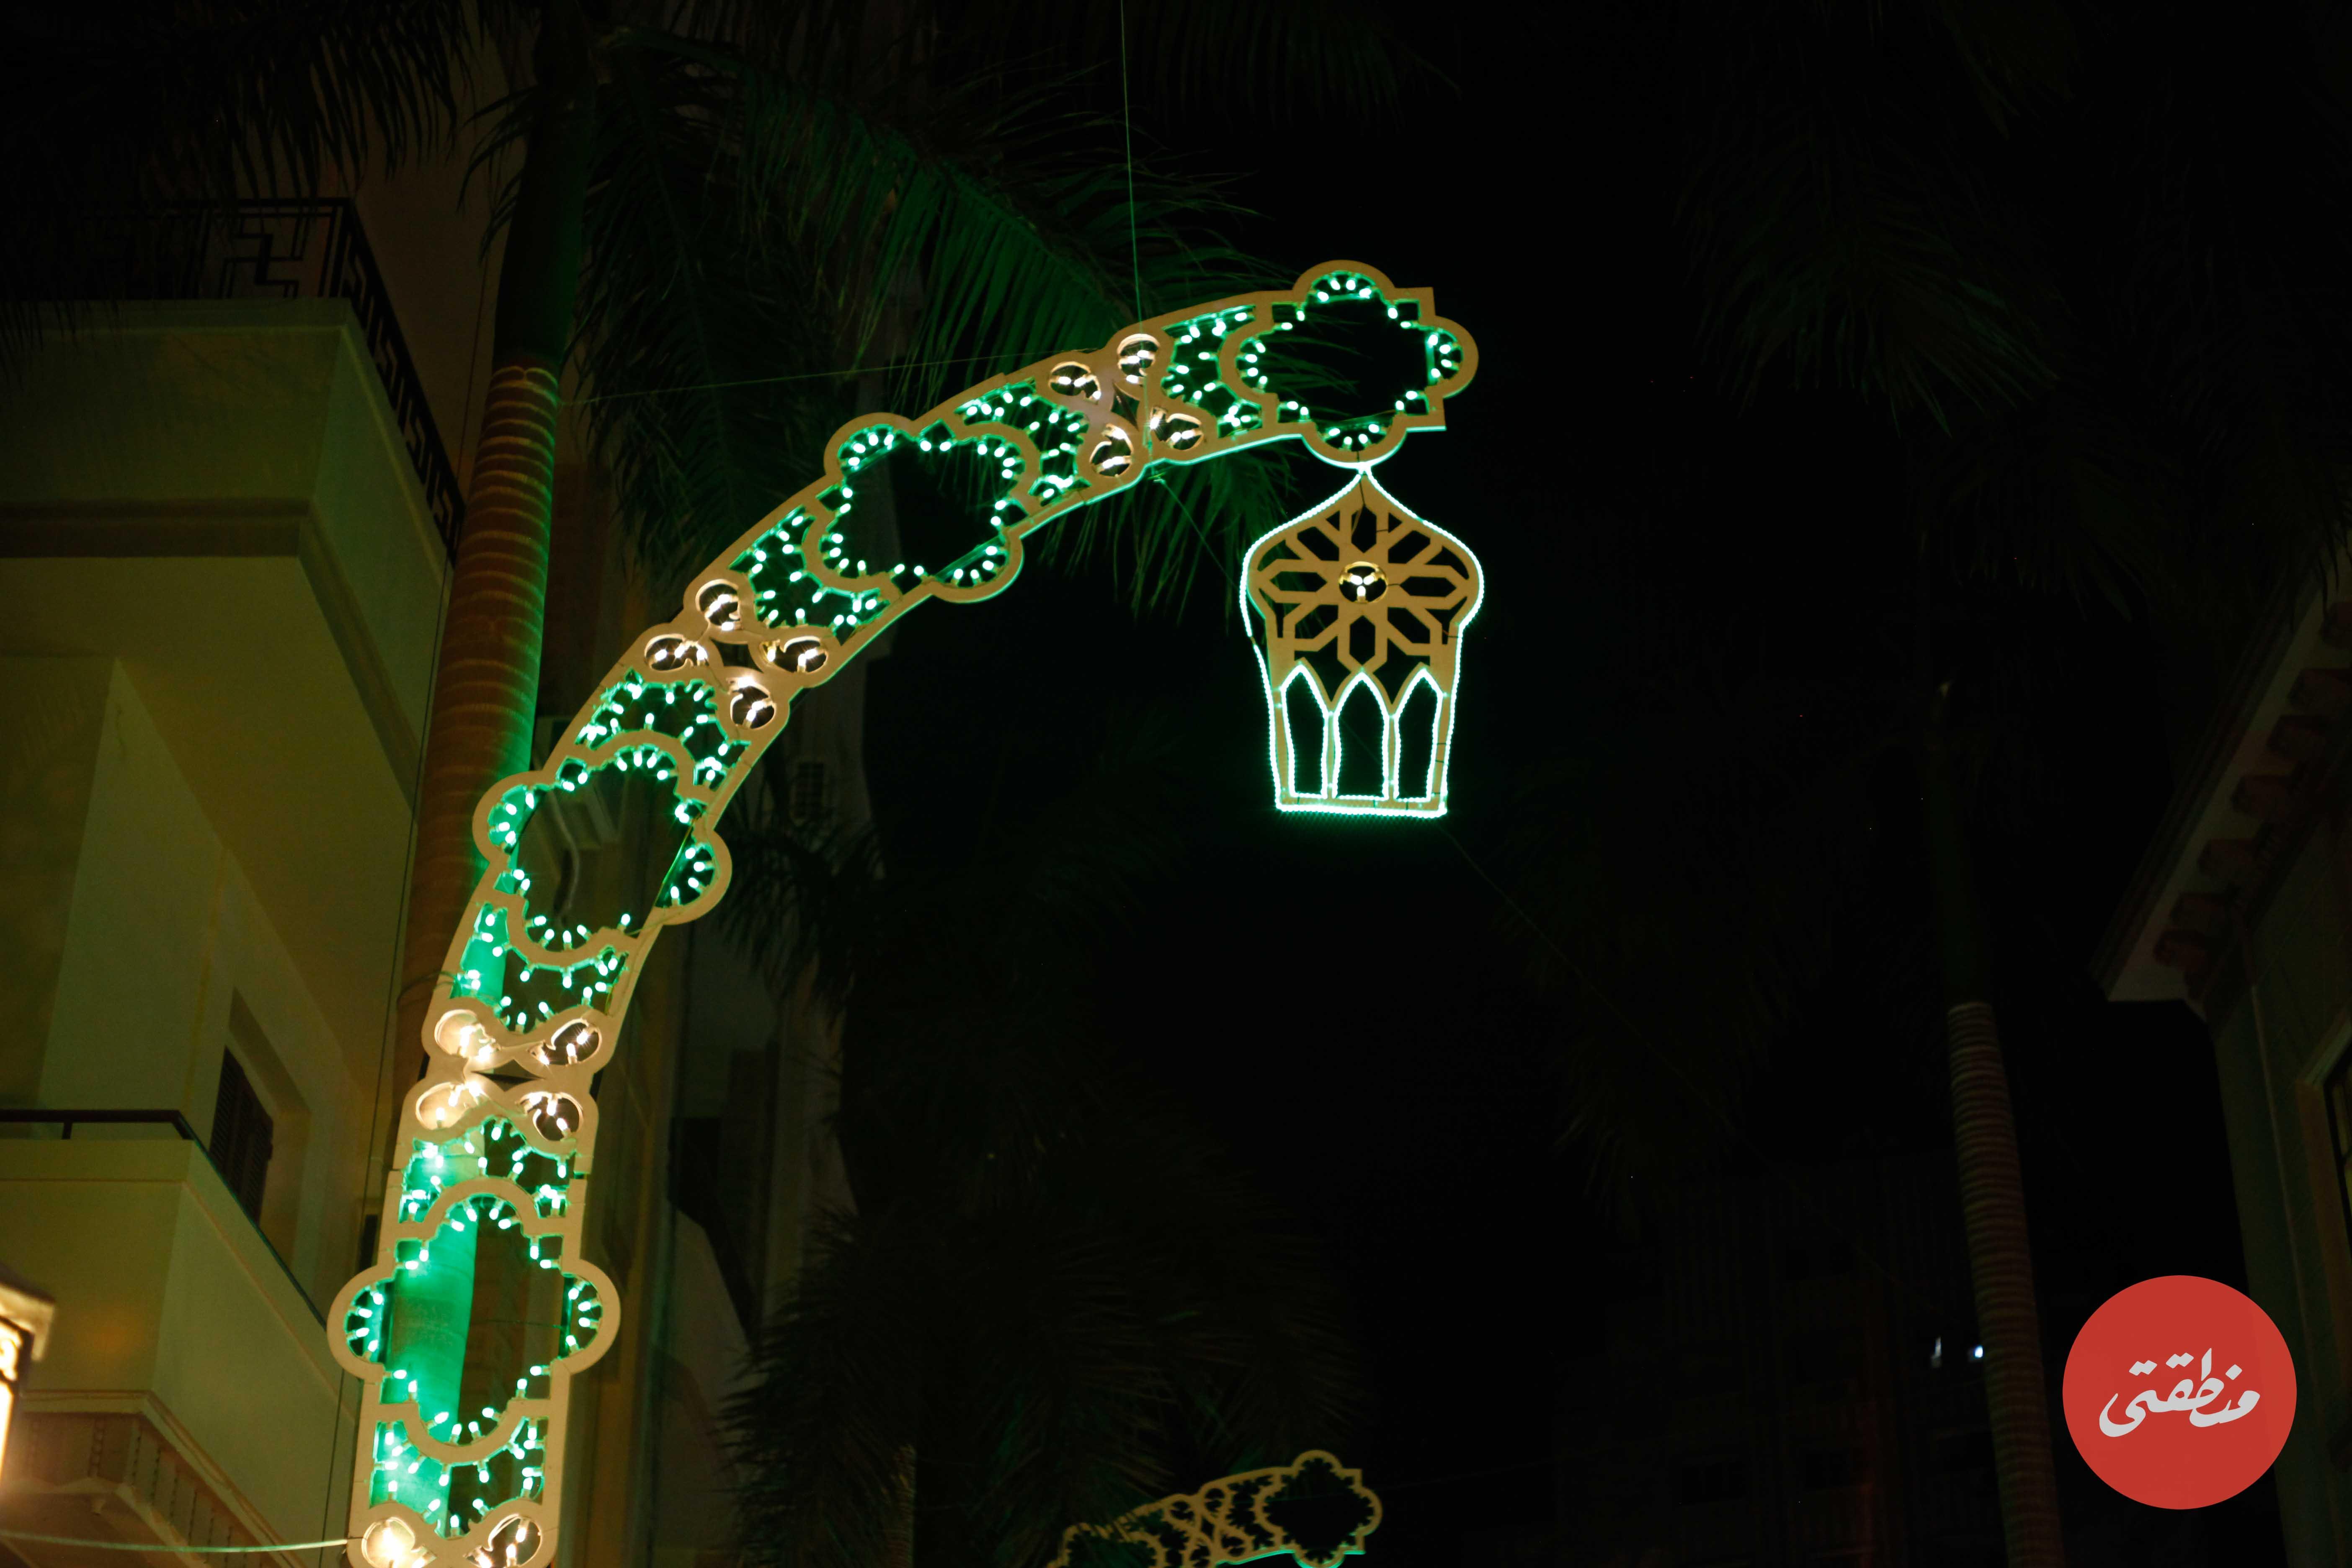 استبدلت شركة «فانيولو» للإضاءة الوسام الملكي الذي كان يزين نخيل شارع الشريفين منذ افتتاحه الشهر الماضي، ووضعت بدلًا منه فوانيس رمضان